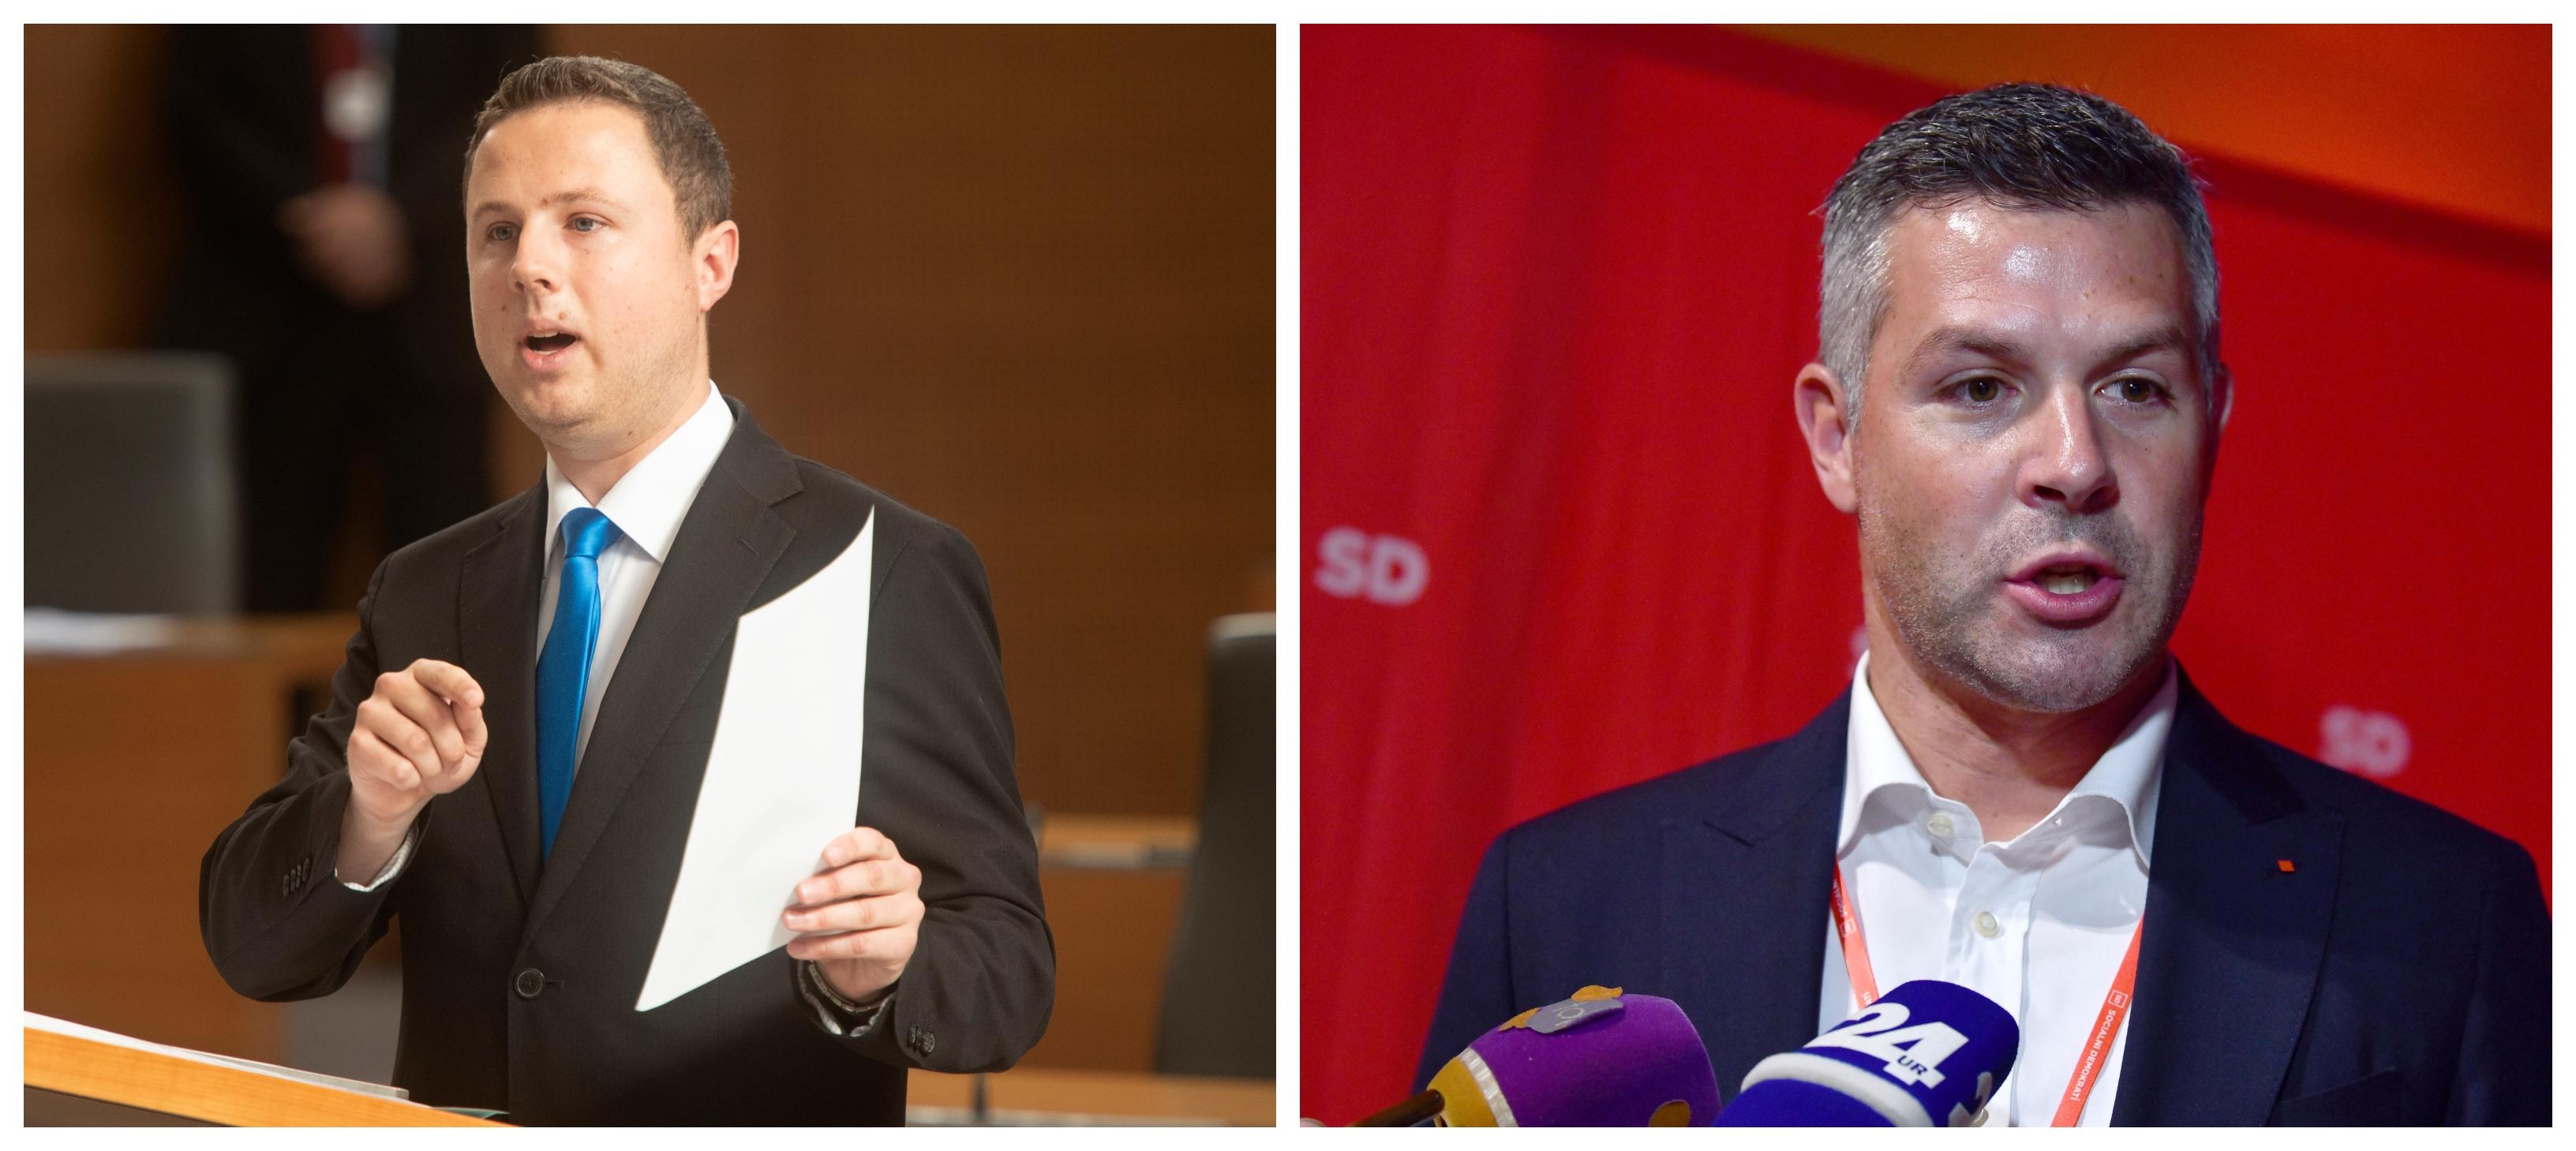 Žan Mahnič opozarja na resno povečanje migracij, Matjaž Nemec pa pojasnjuje, da se težave glede migracij morajo reševati v državi izvora. (Foto: STA)